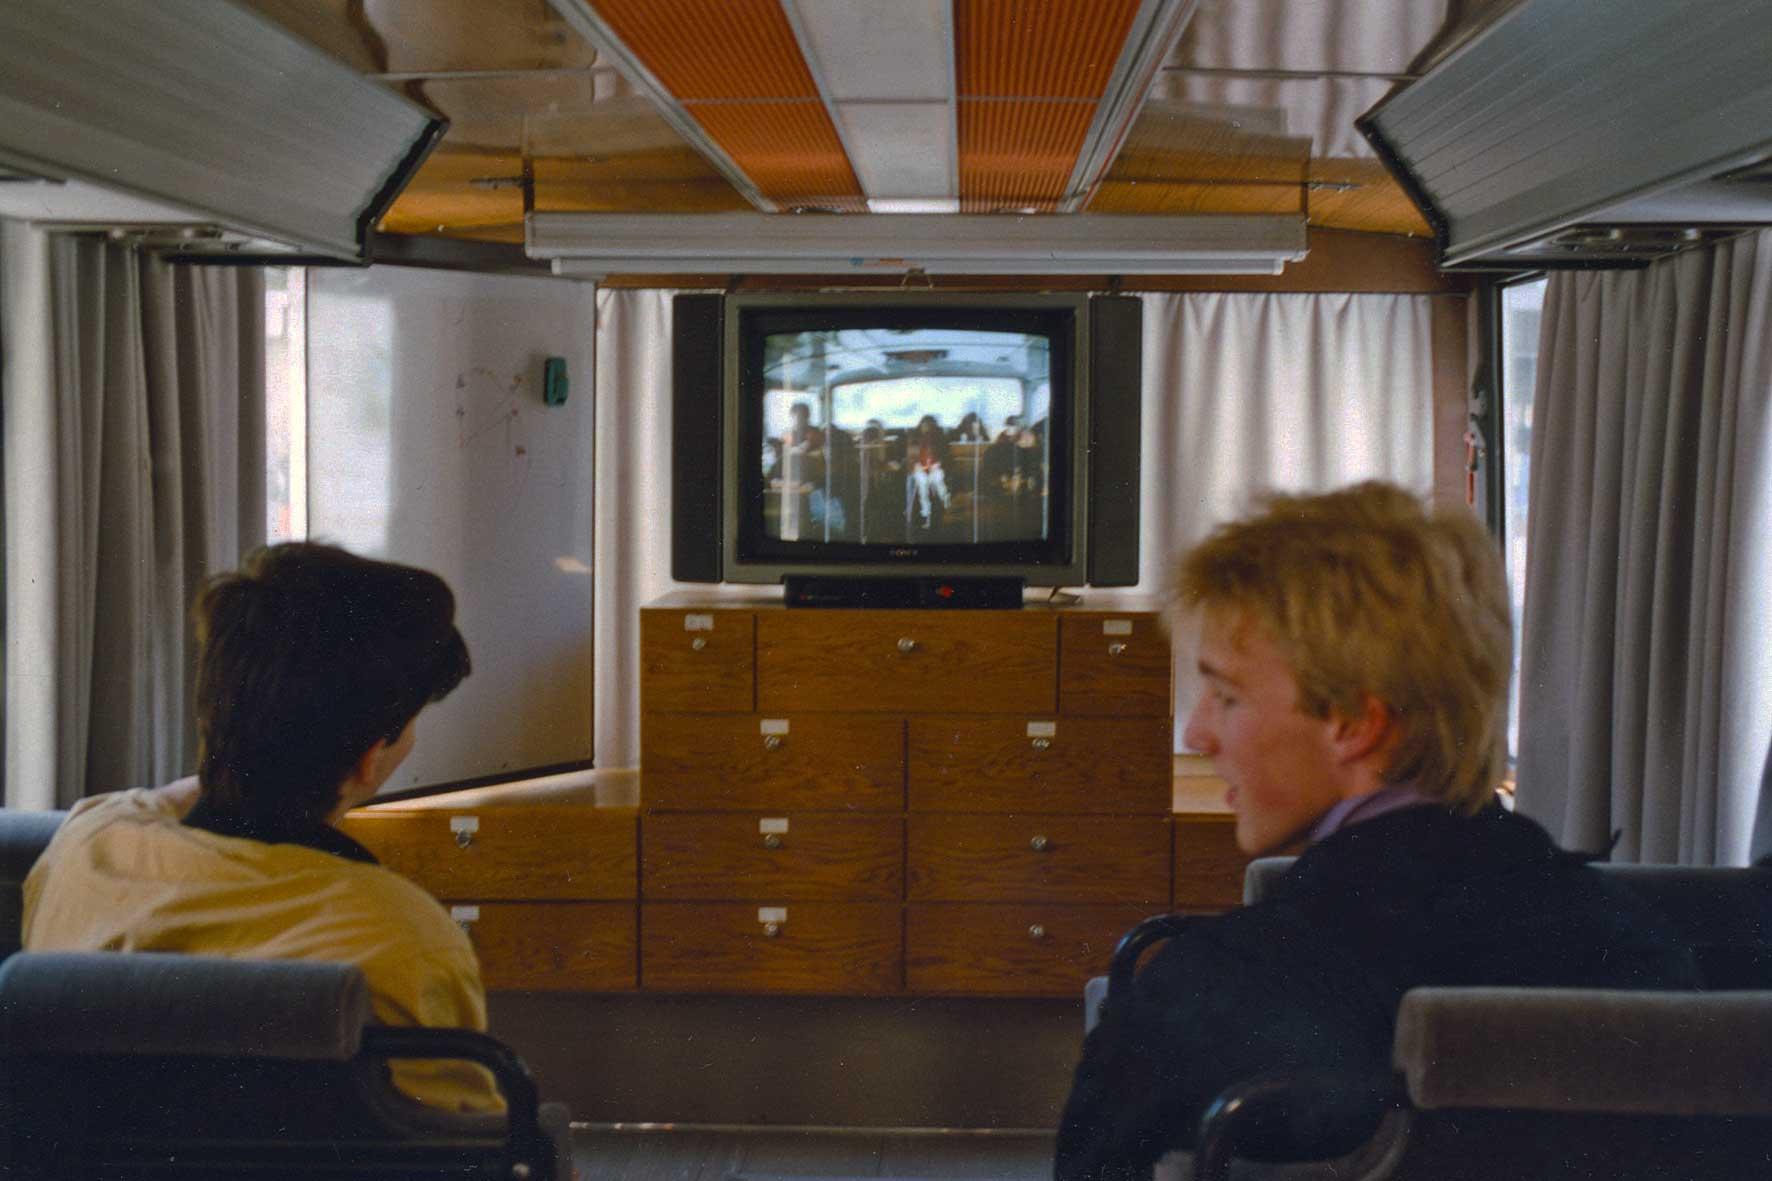 Videobus